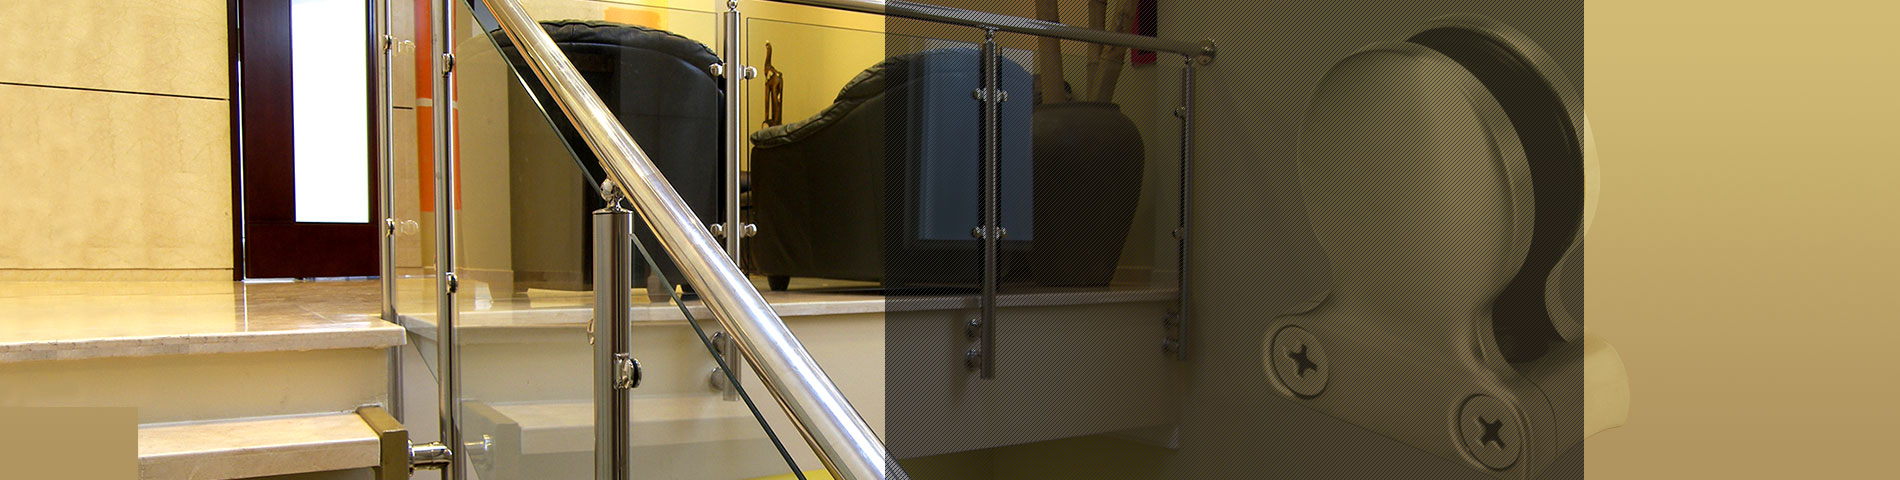 Rostfreier Stahl Zubehör für Balustraden für Glas